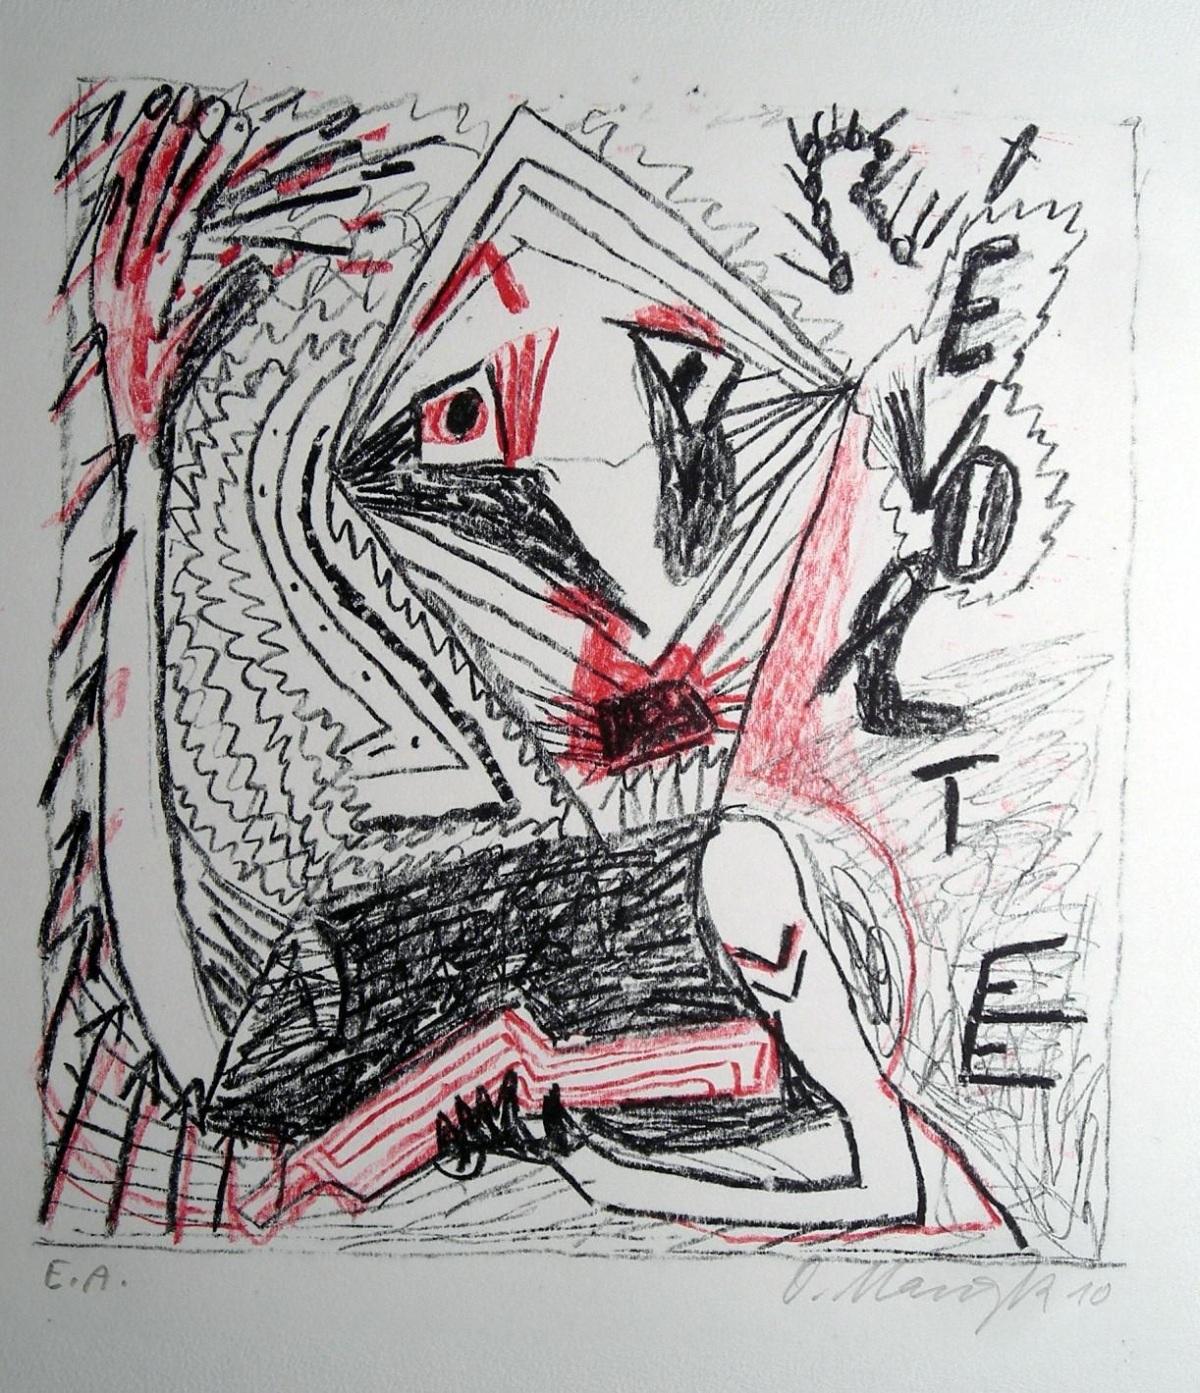 Oskar manigk - Revolte, Lithografie 2010 kopen? Bied vanaf 52!